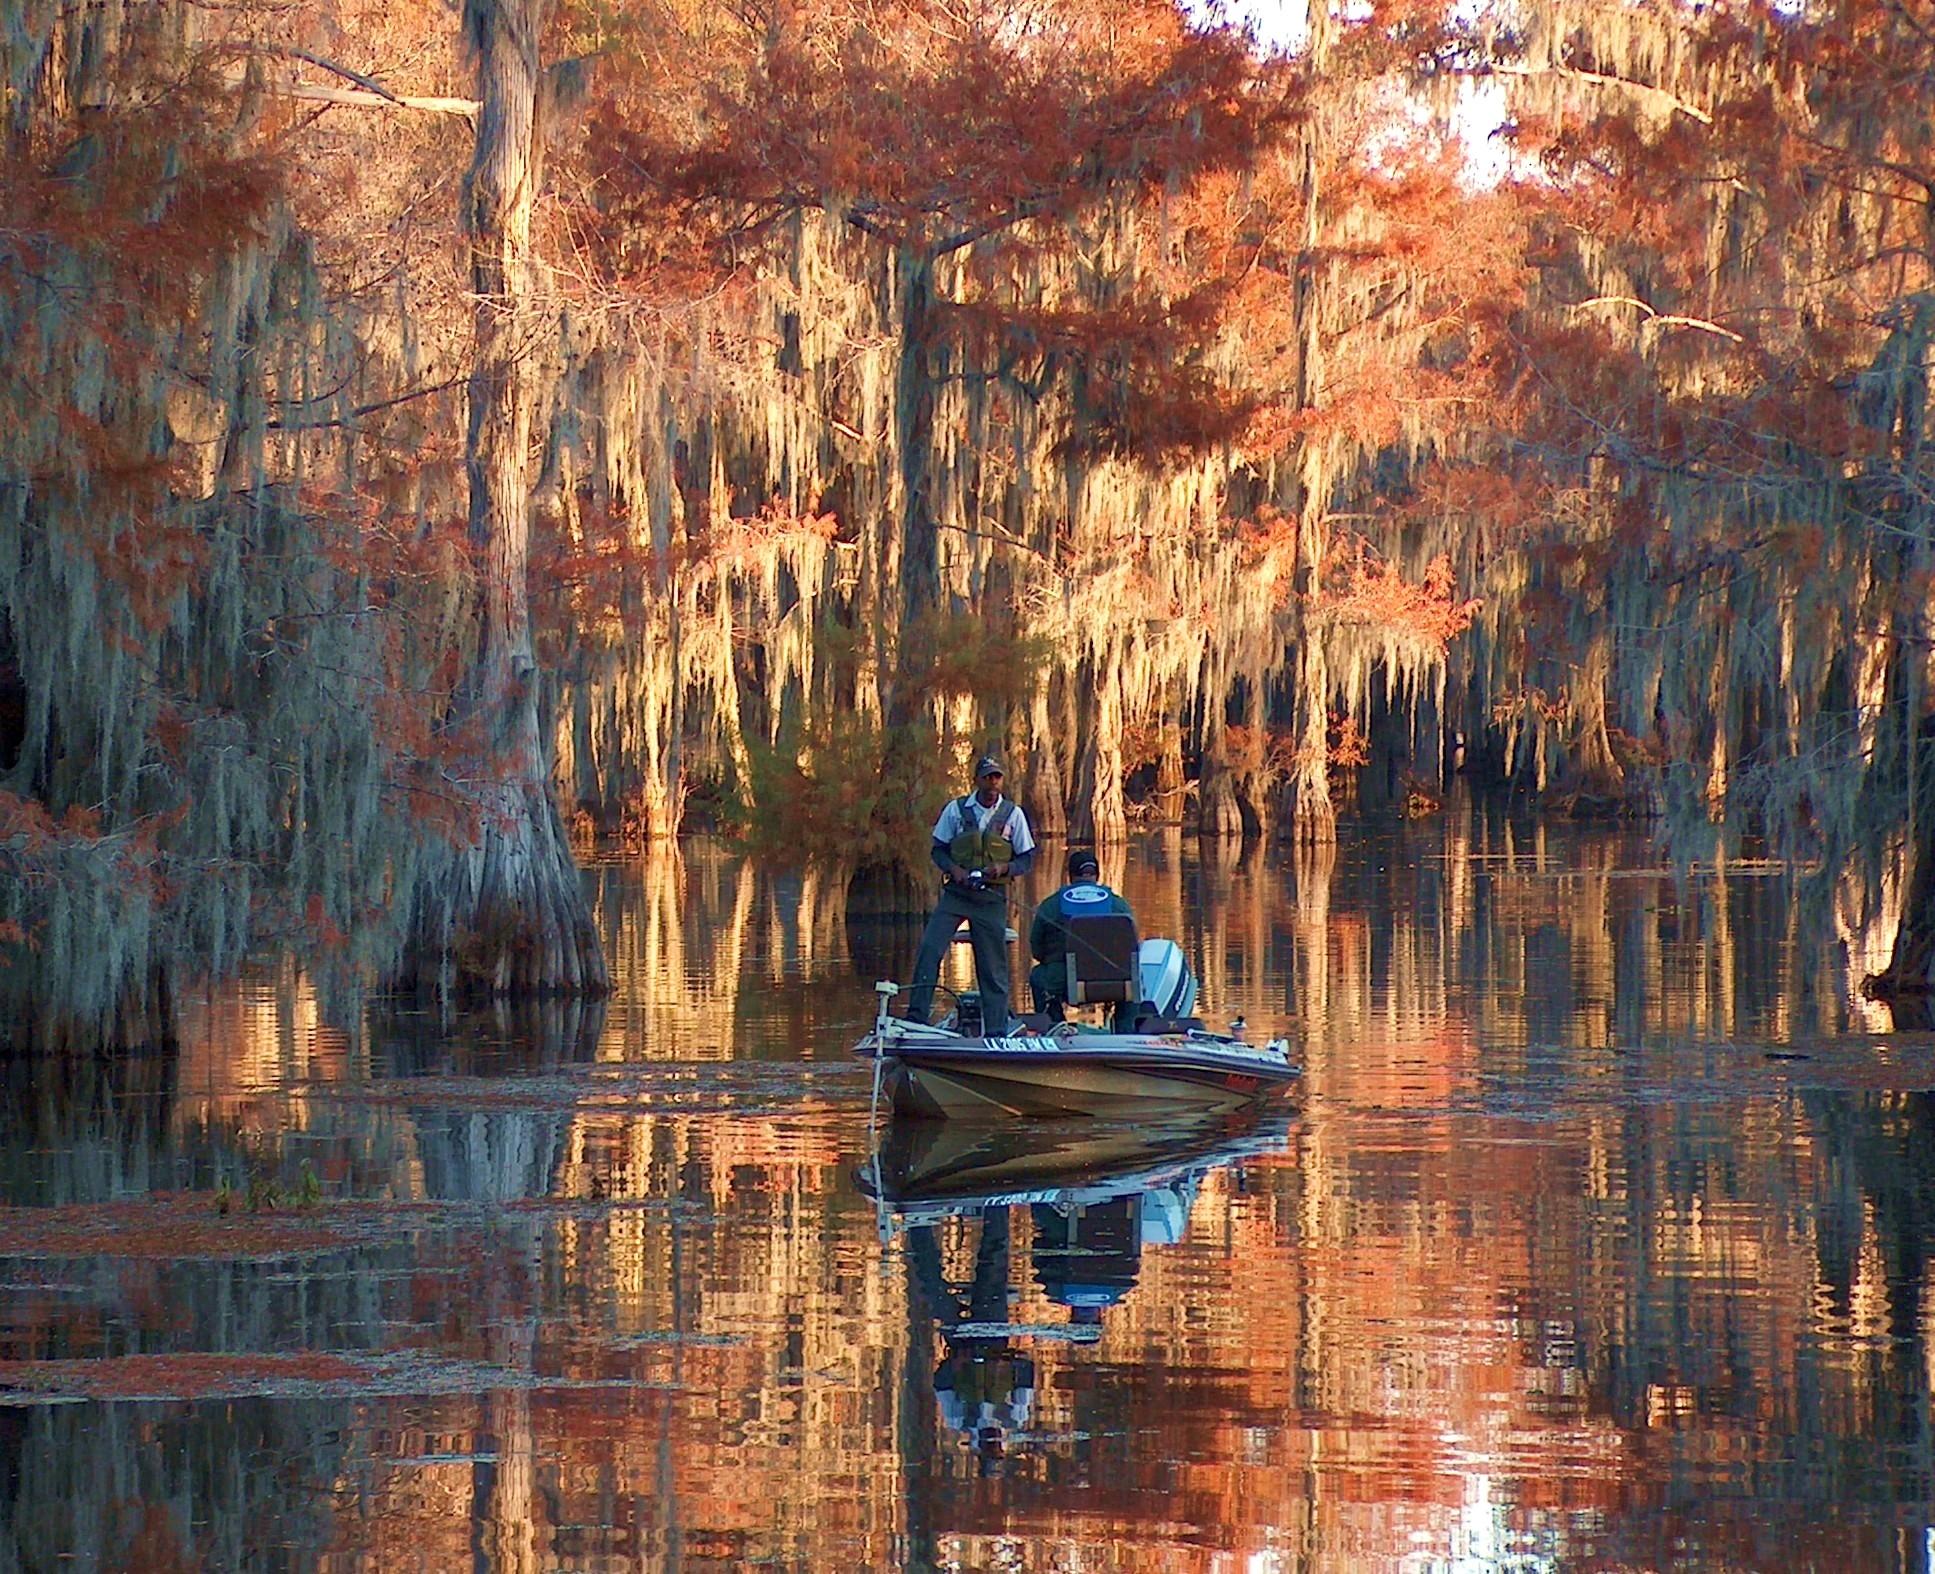 Tourisme : en images : couleurs d'automne sur le sud des Etats Unis ! 3966